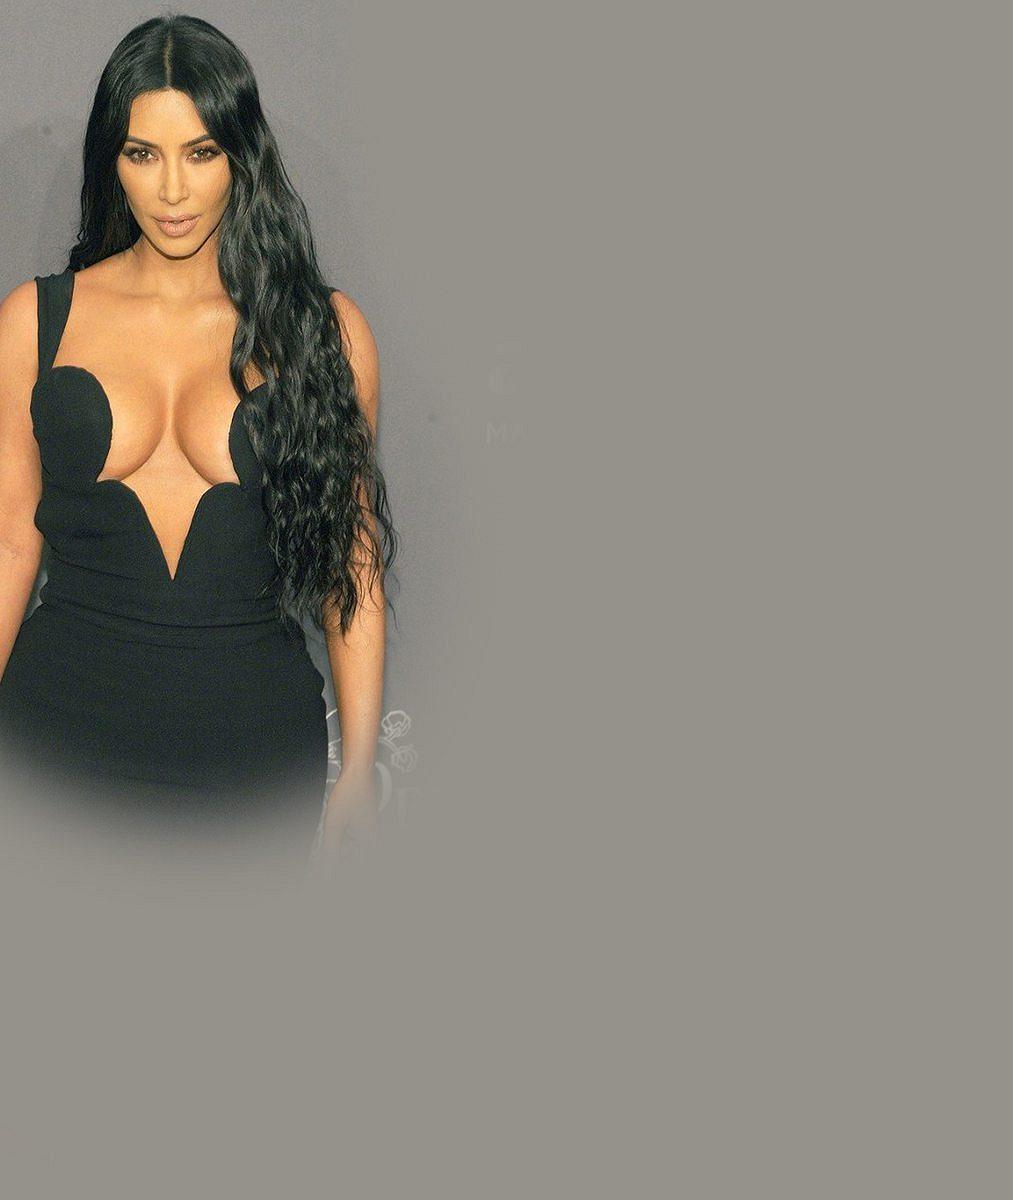 Kardashianky vystavily své ženské zbraně: Kim ale stěmi svými trochu zápolila